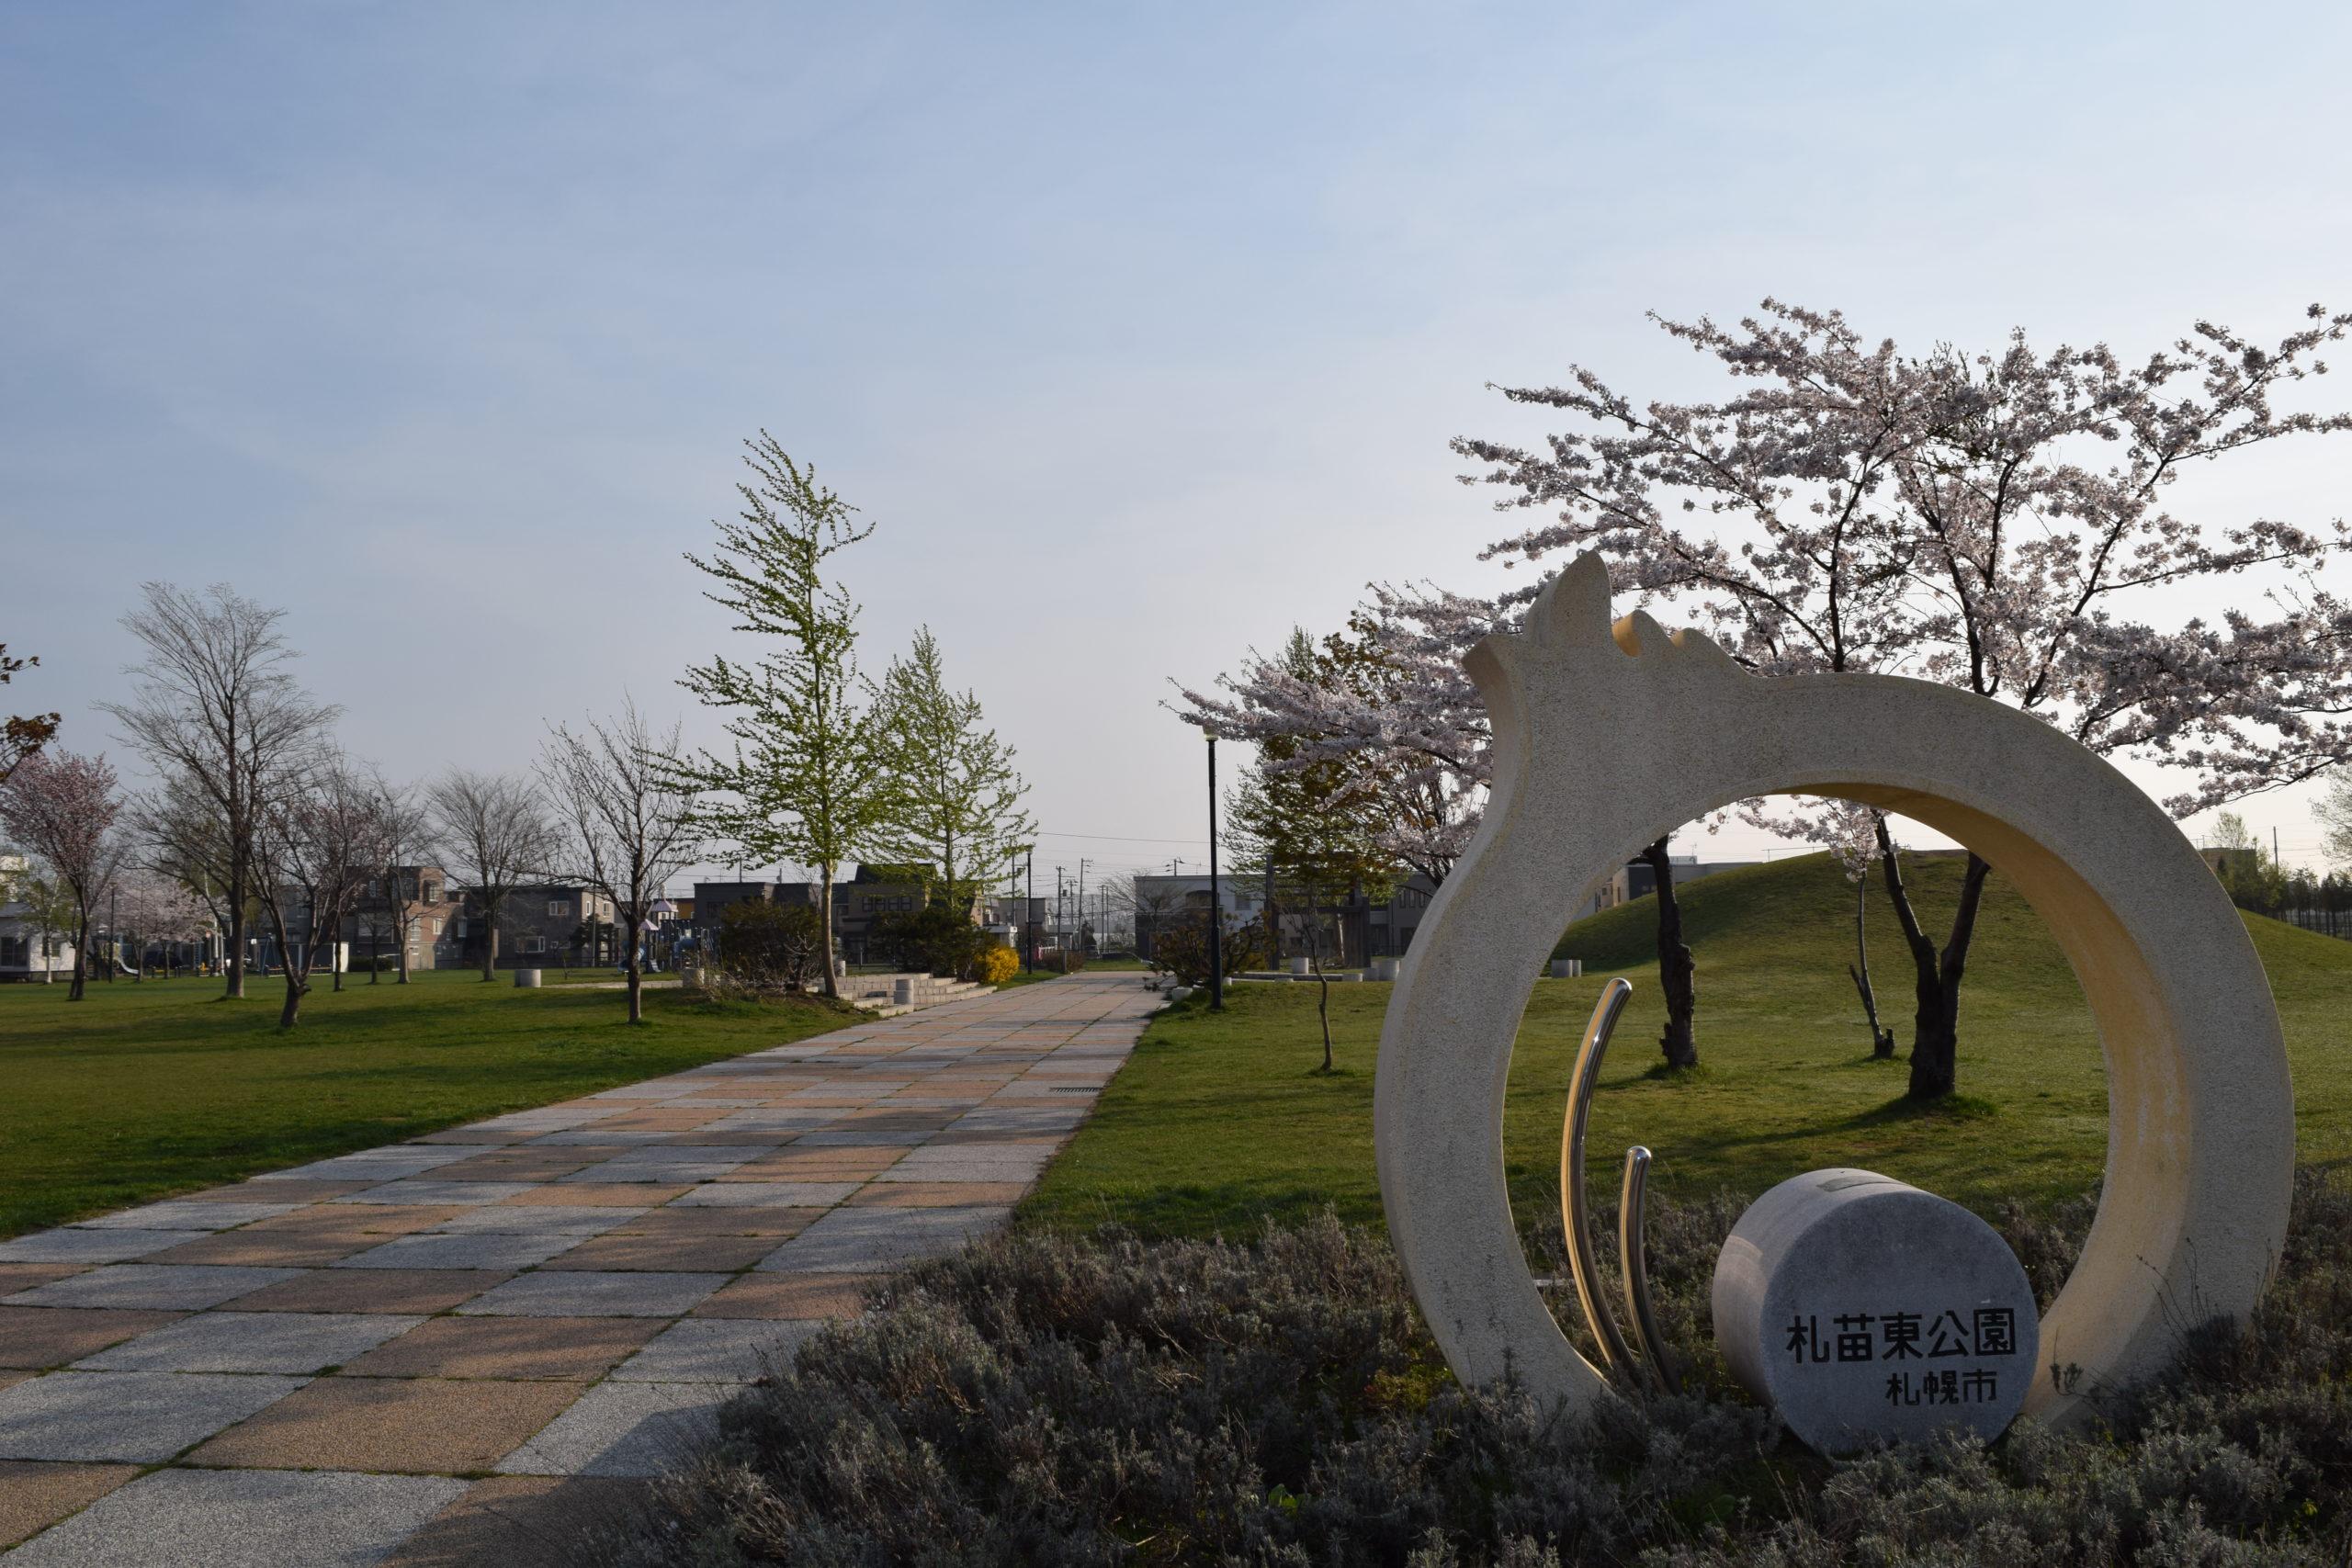 札苗東公園(北海道札幌市東区)